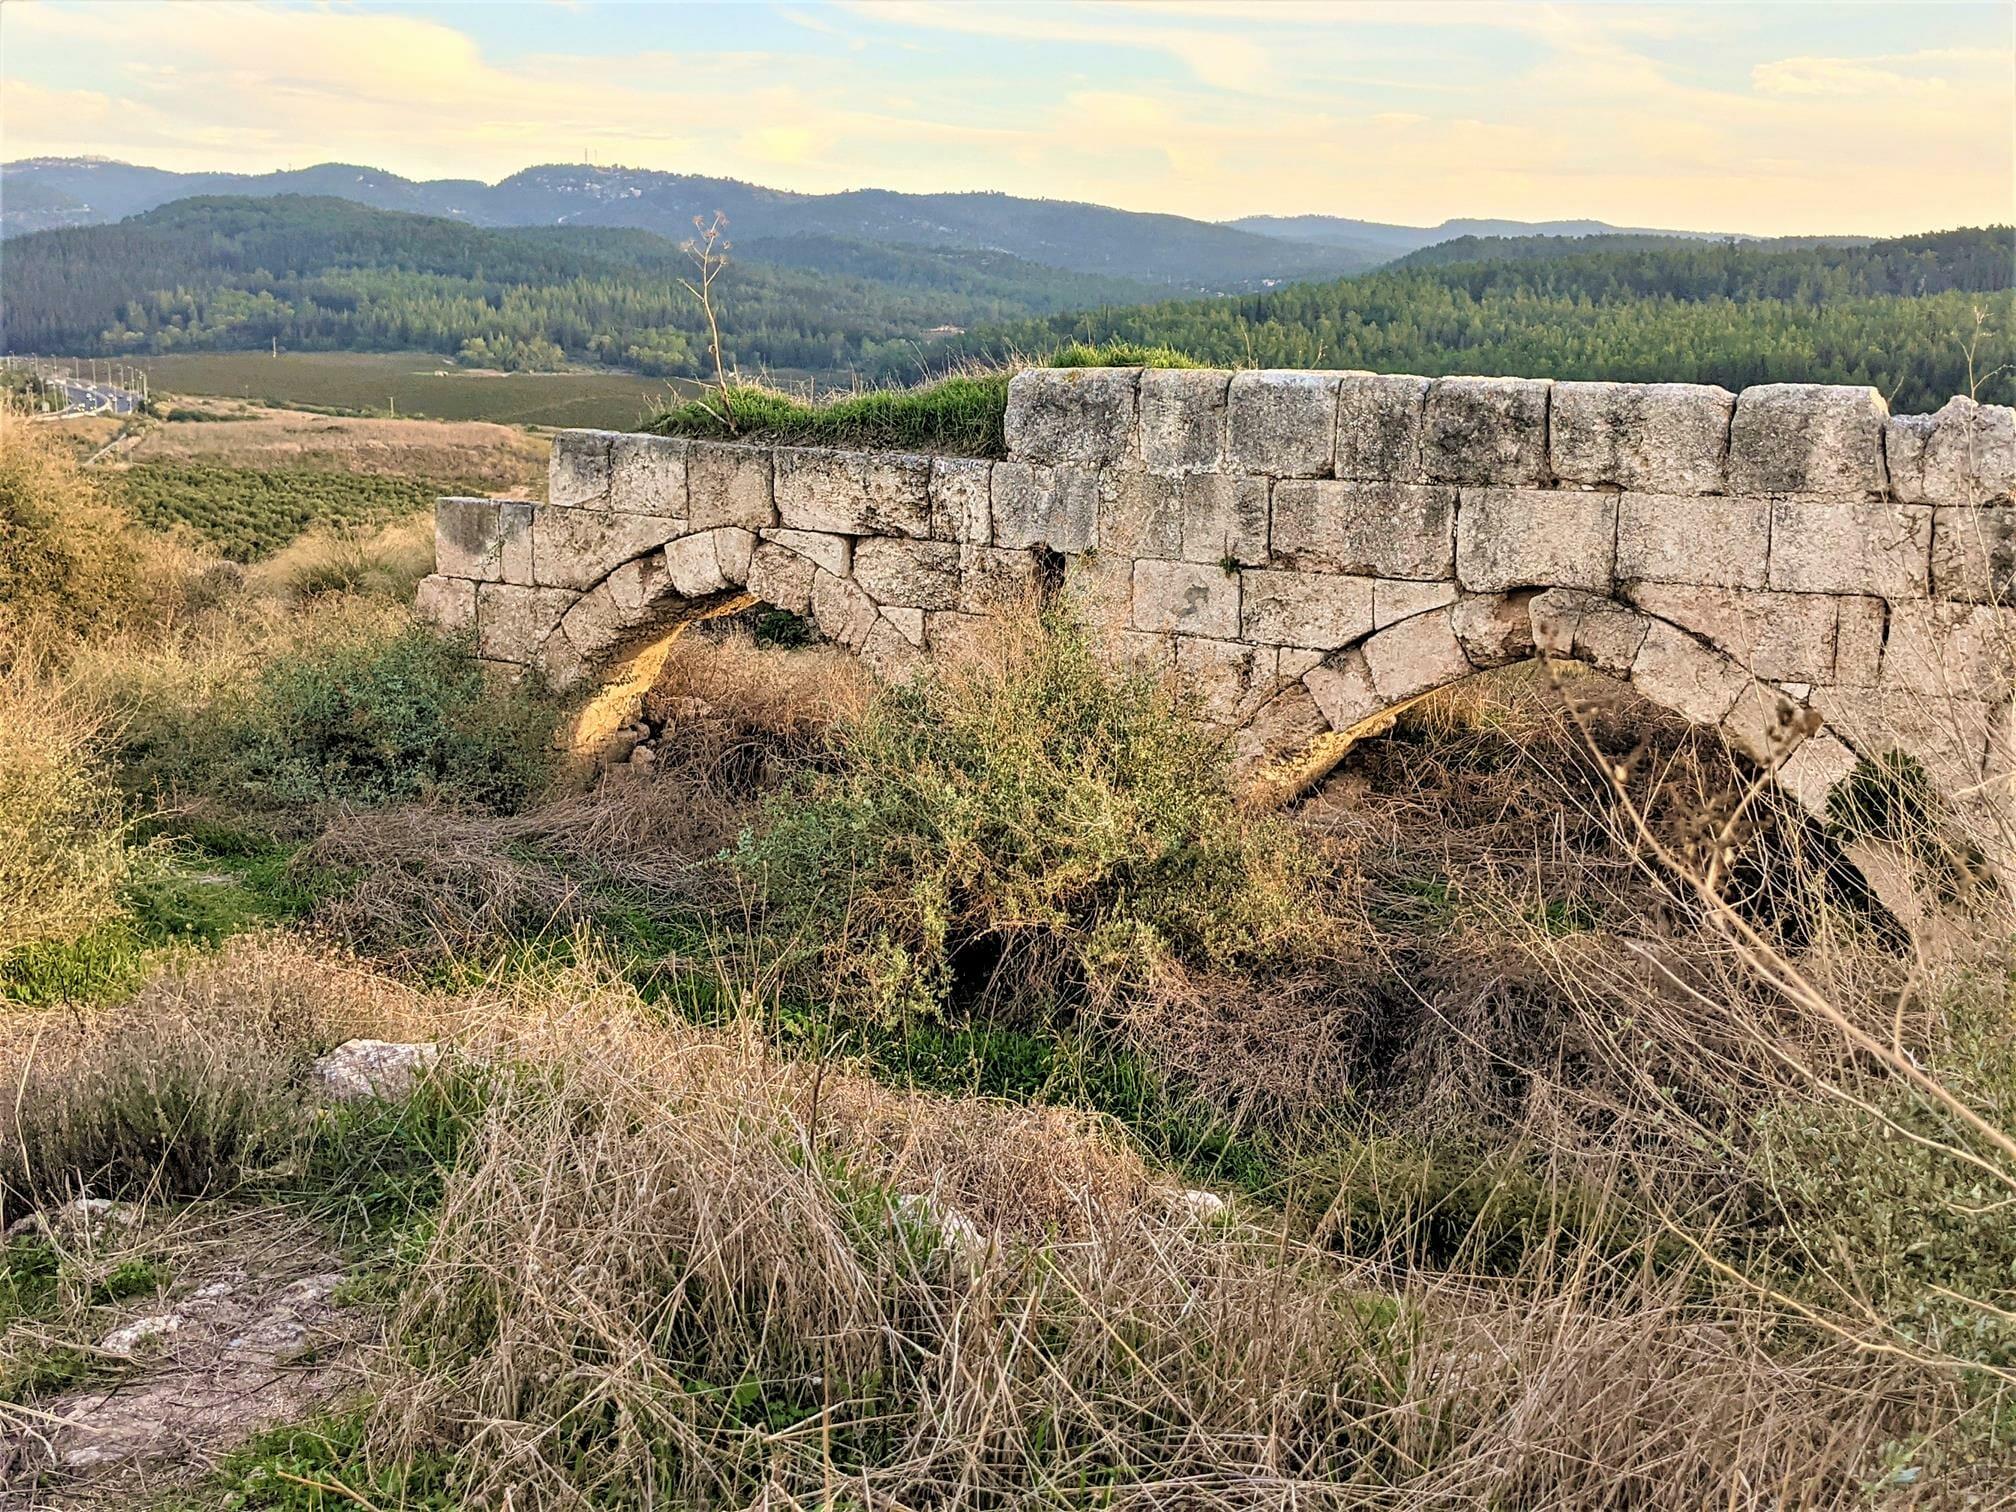 """קשתות מבצר צלבני לטרון, לה-טורון דה שבלייה, תצפית פנורמית מהממת, צילום: ד""""ר ענת אביטל"""